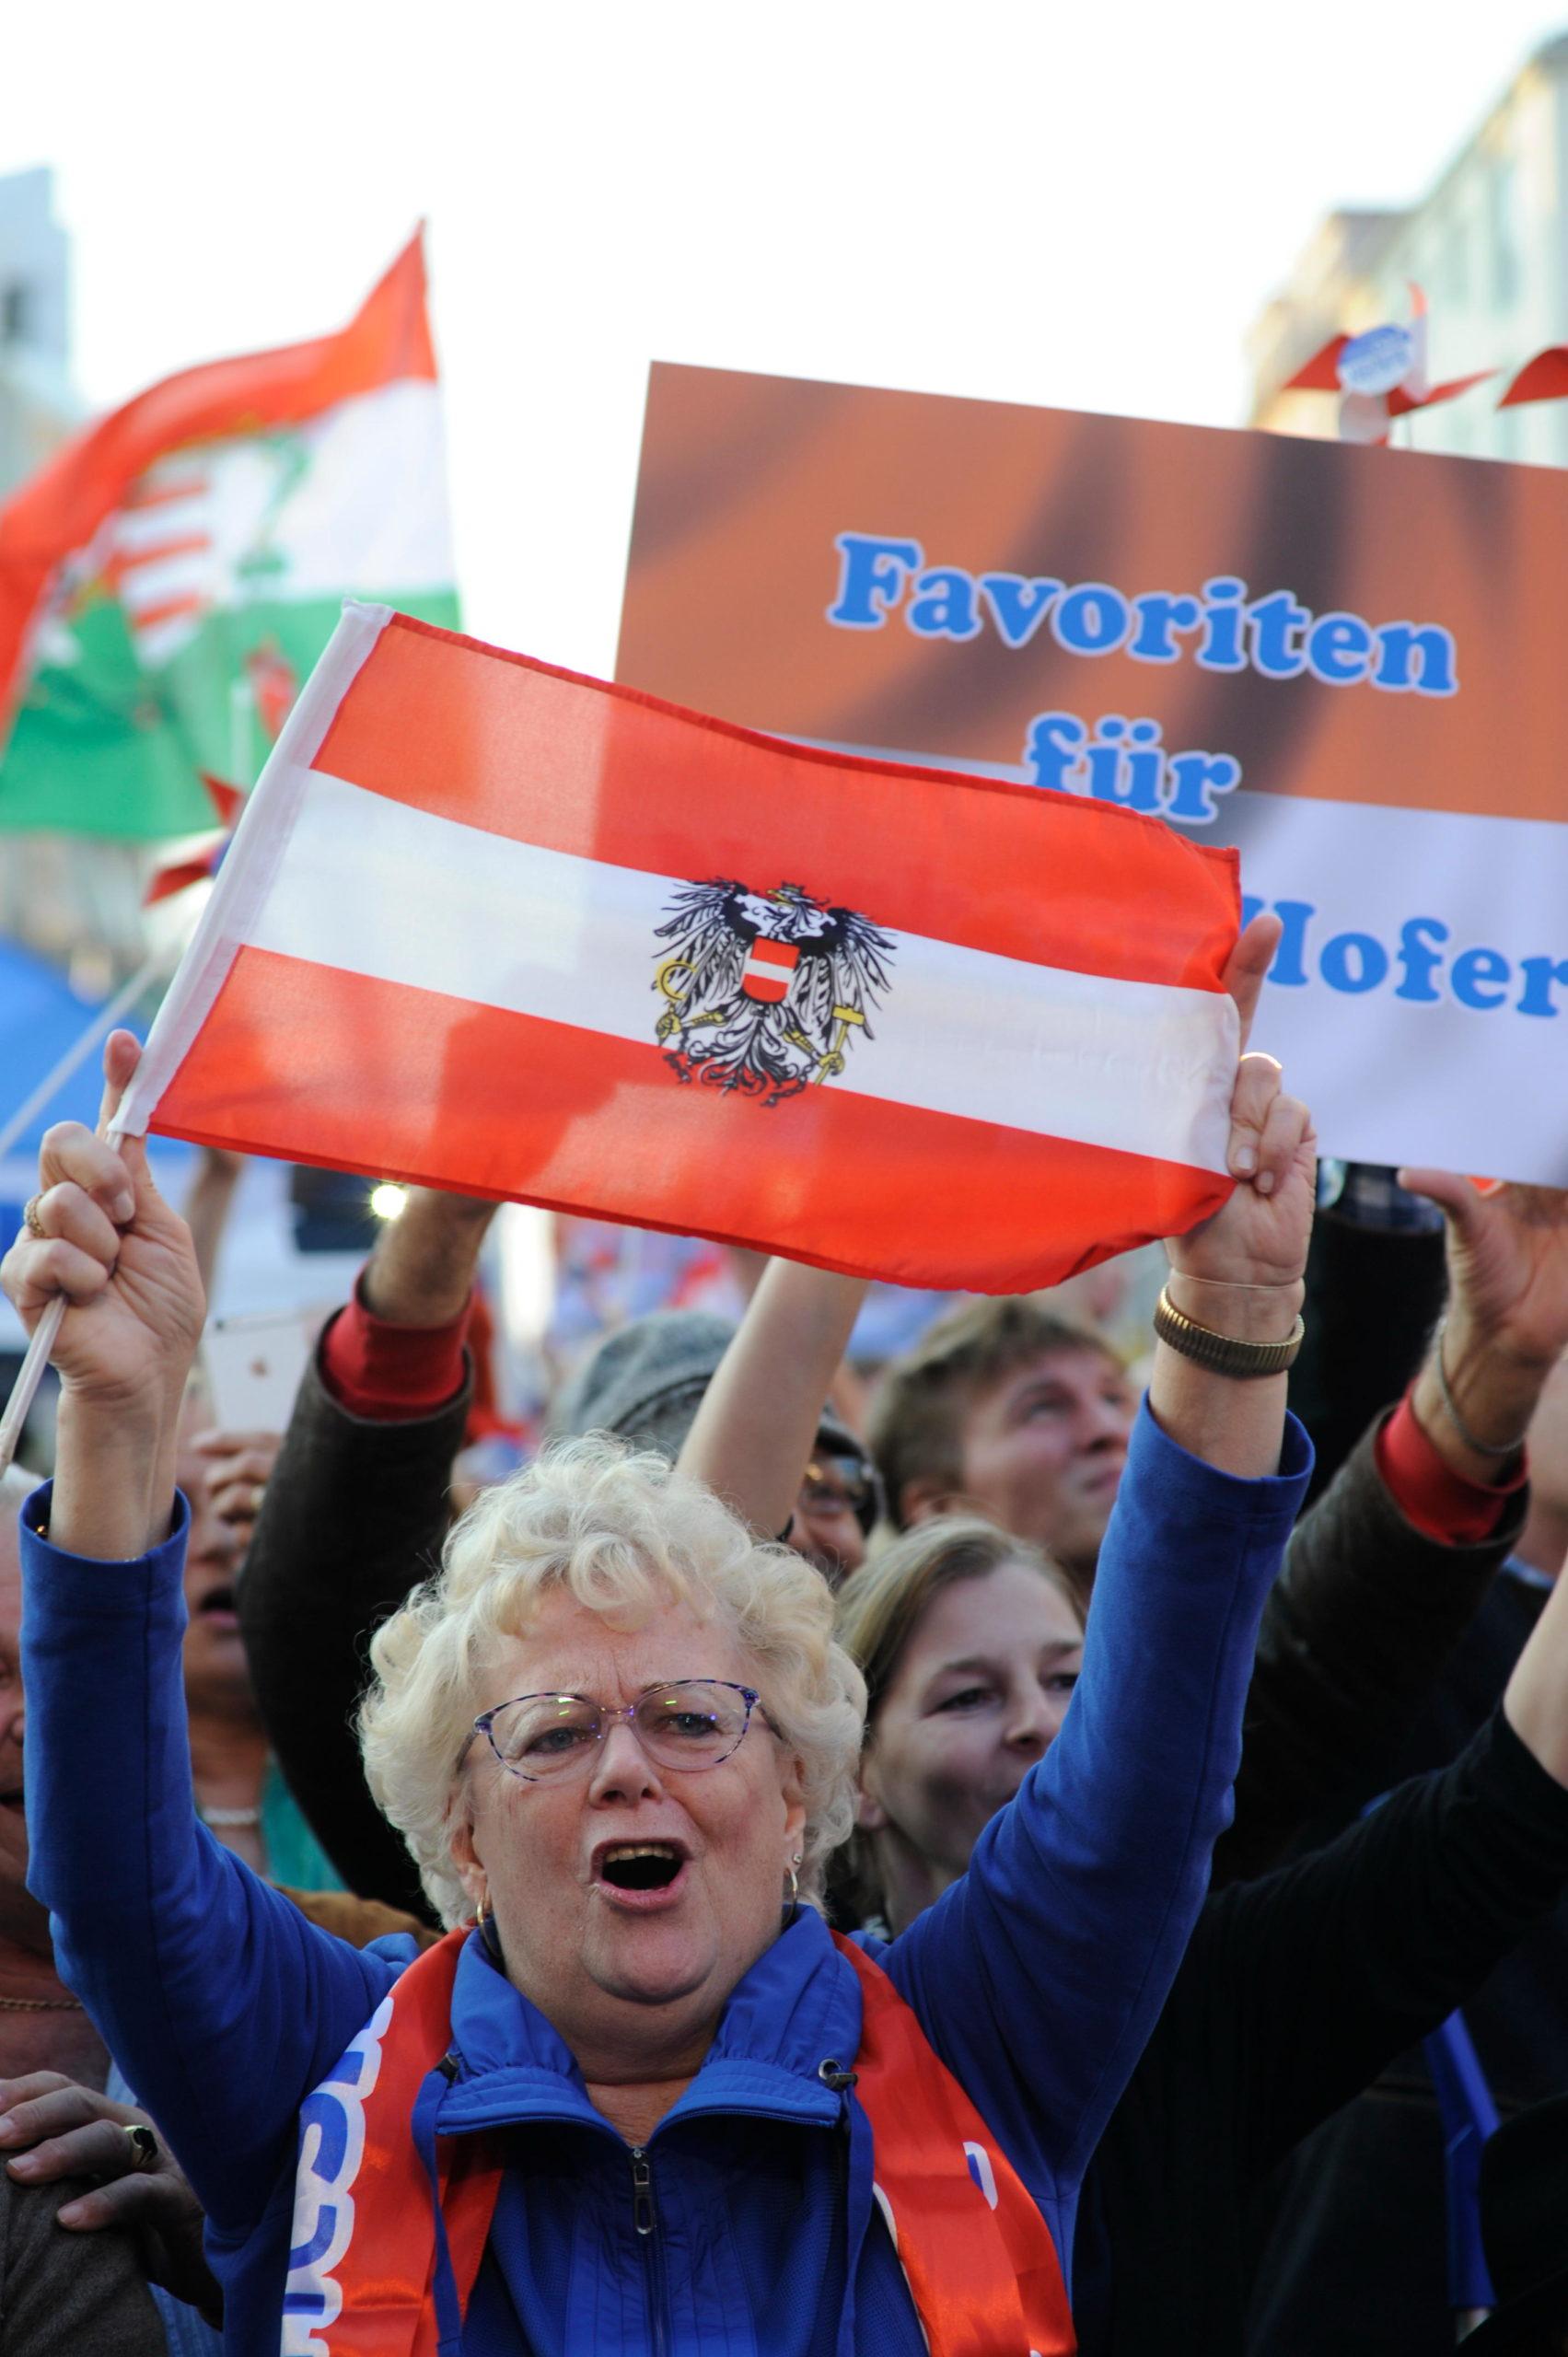 VAPAUS. Norbert Hoferin tukija kantoi Itävallan lippua vaalitilaisuudessa toukokuussa.